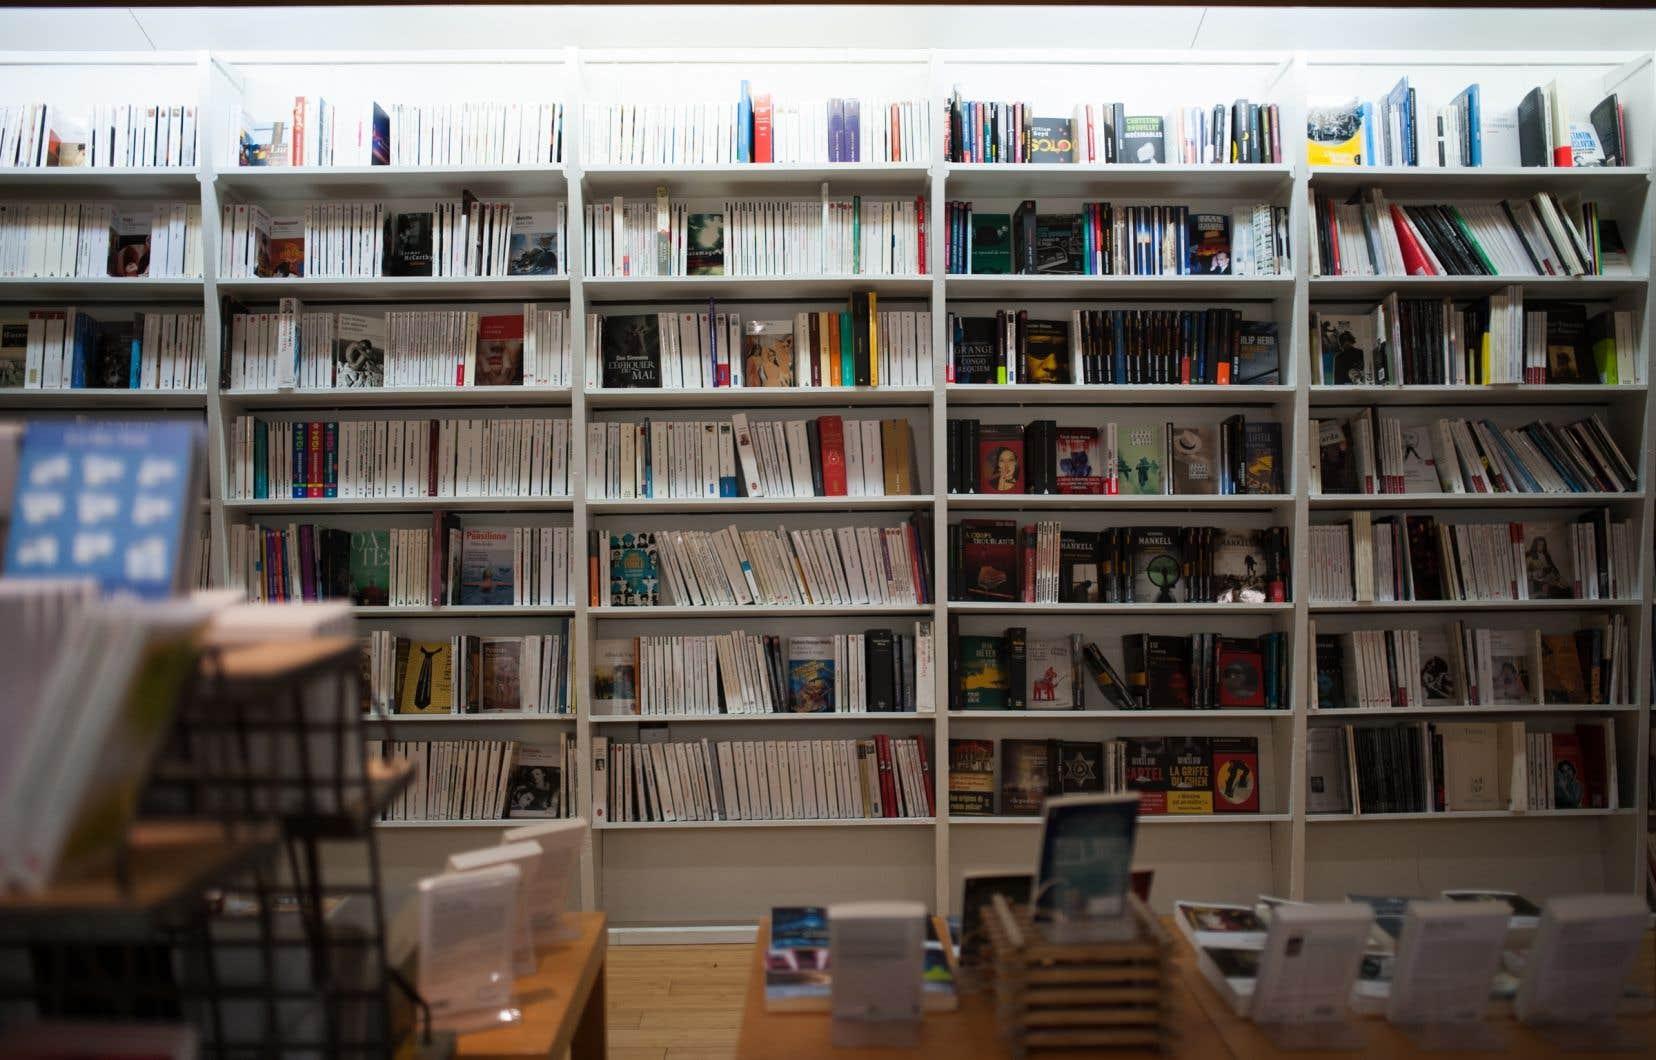 Fait à noter, les livres électroniques ne bénéficient pas du même avantage que leur version papier et se voient, par conséquent, taxés comme n'importe quel autre achat ordinaire.